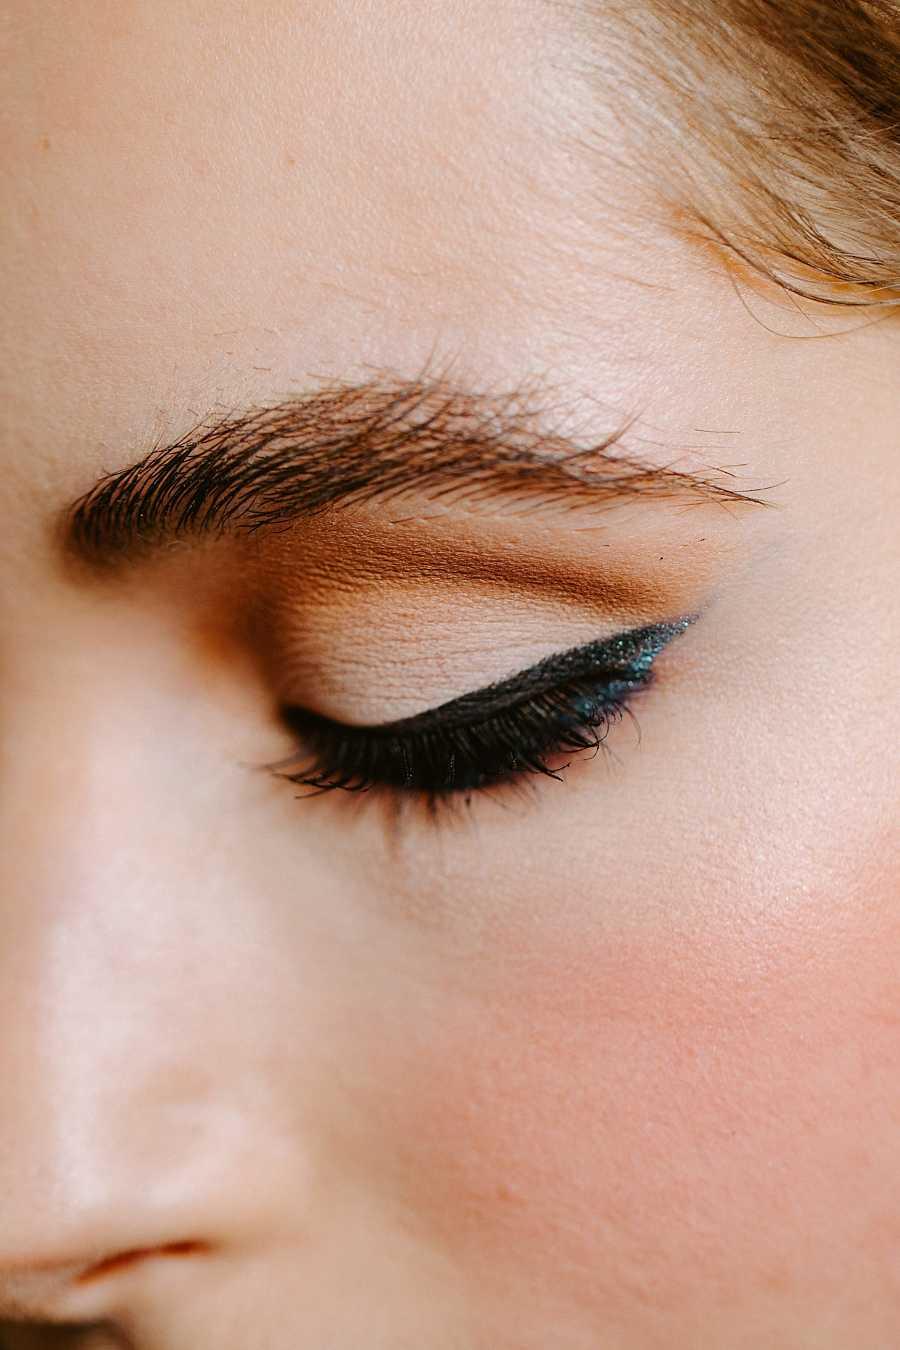 La ceja perfecta hay que decir que no existe, hay que lograrla. Hay que darle forma para que sea más armónica y bonita